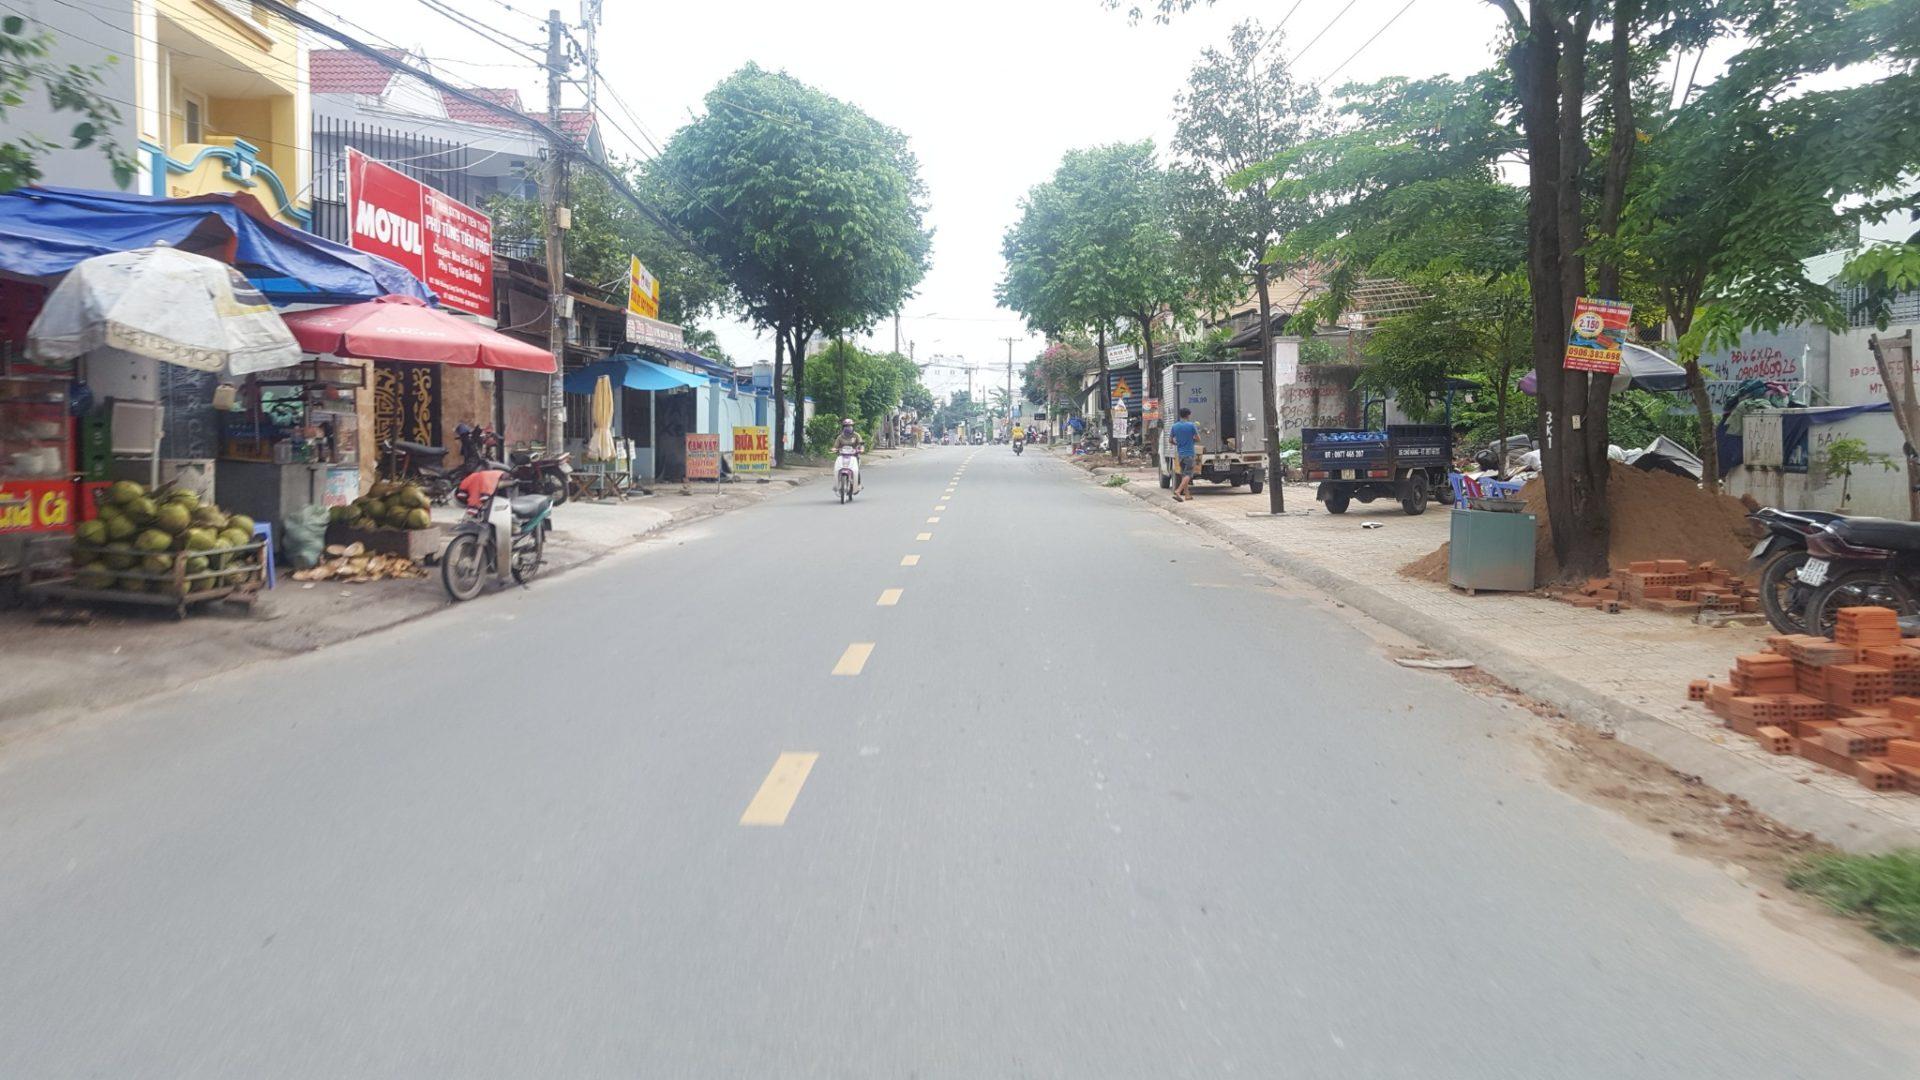 Đất Tăng Nhơn Phú A Quận 9 Đường Làng Tăng Phú, Dân Cư Đông Trí Thức, Vị Trí Đẹp Đường 10m Giá Cực Tốt Chỉ 2,5 tỷ